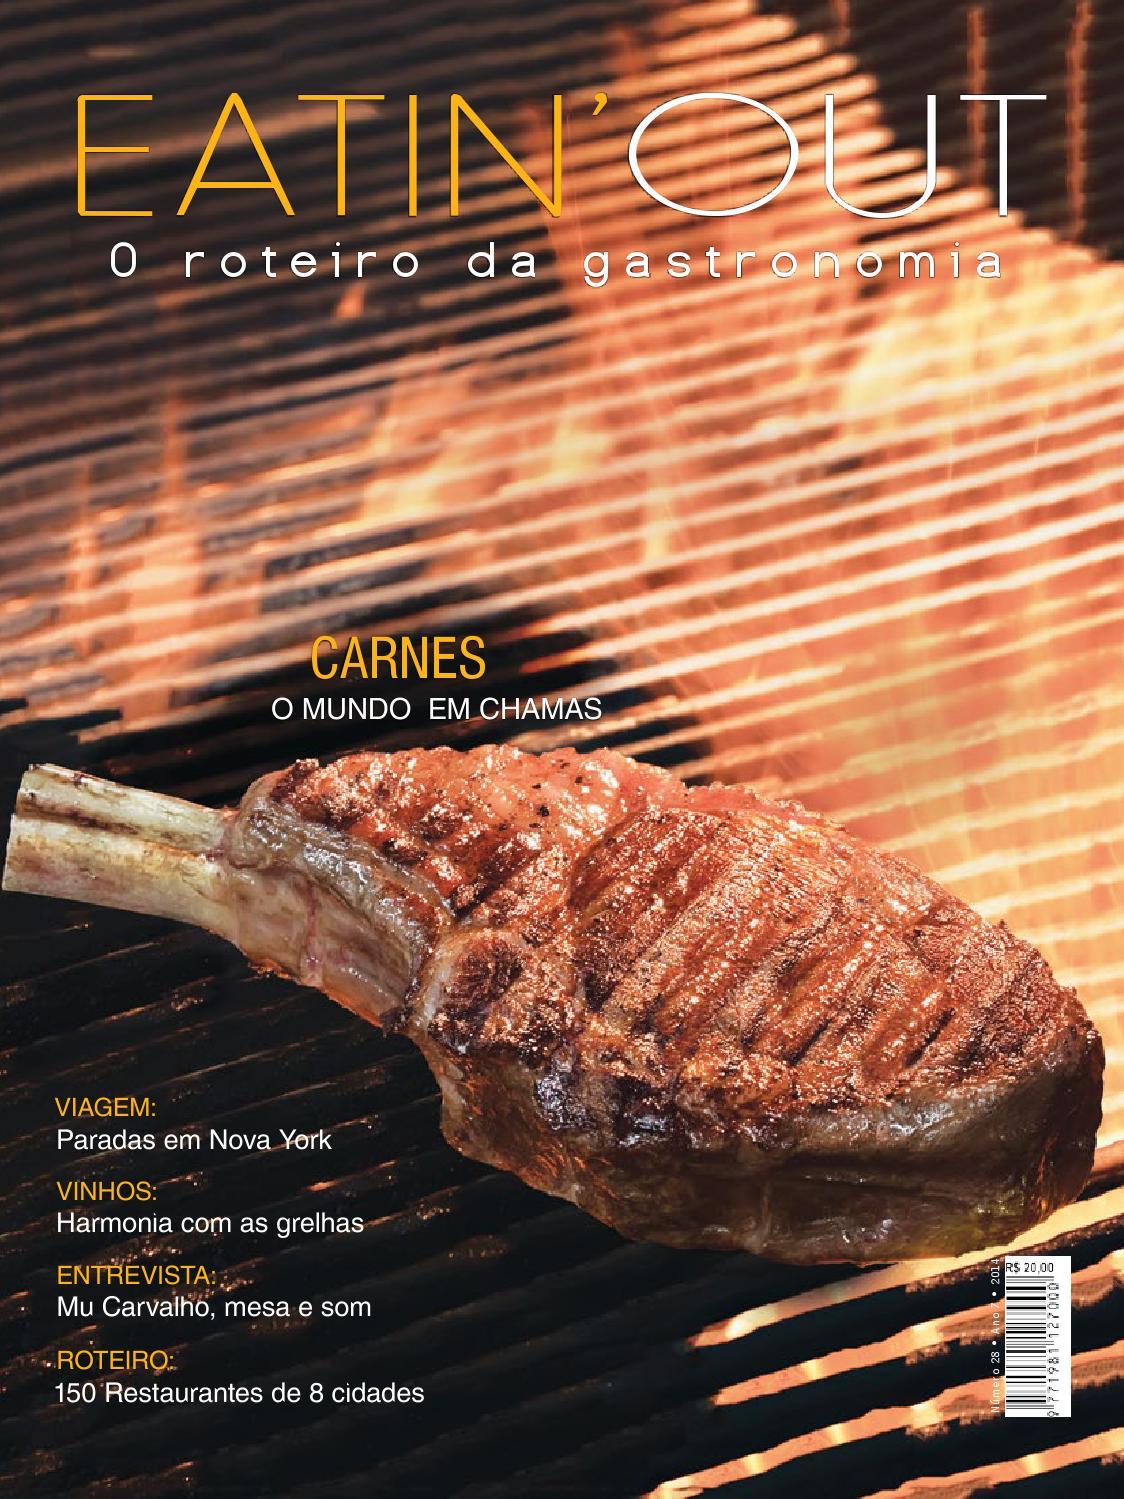 db1fc9fbc0 Eatinout 28 virtual by Luiz Fernando - issuu